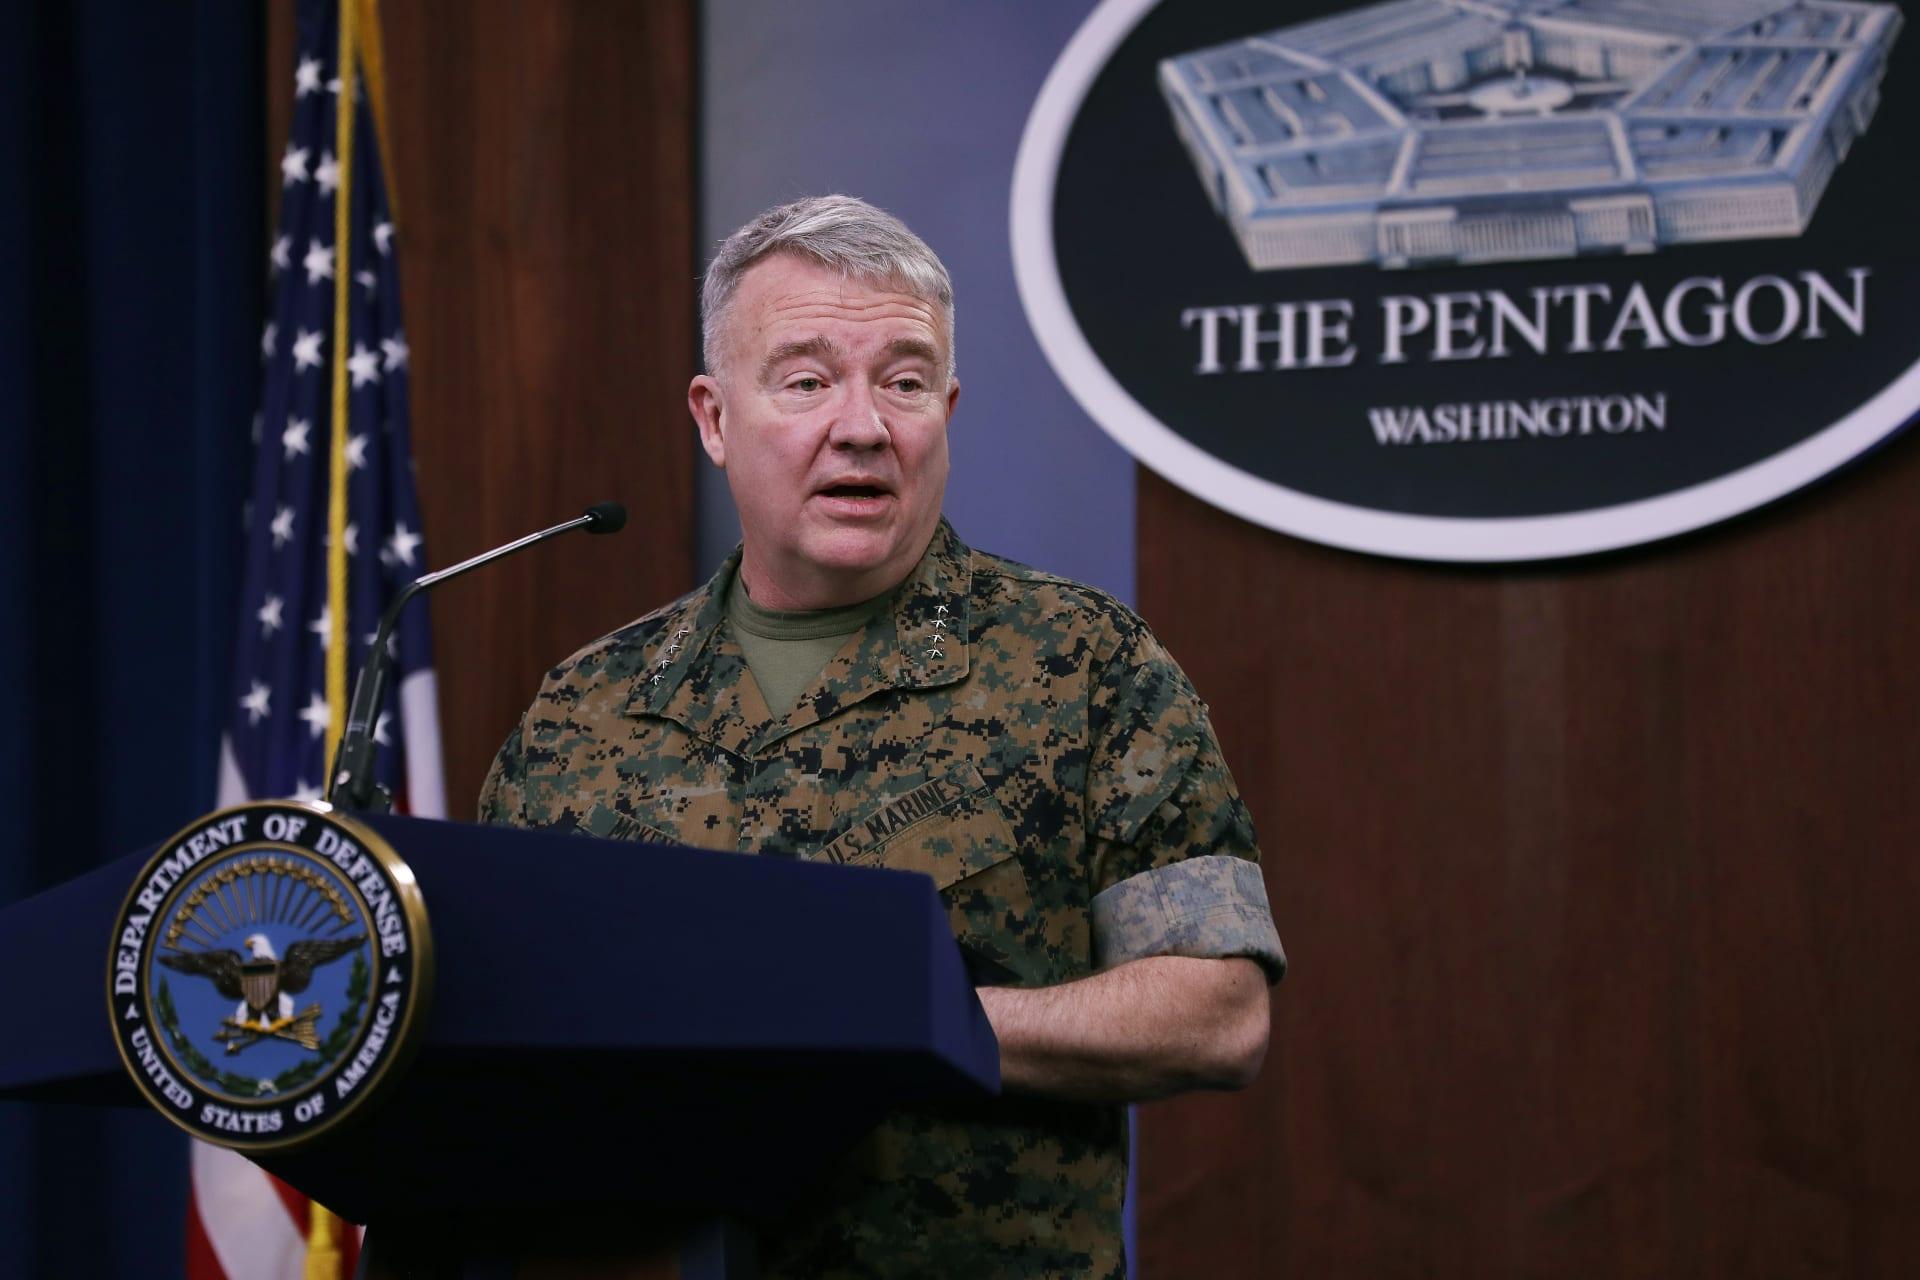 قائد القيادة المركزية الأمريكية، الجنرال كينيث ماكنزي